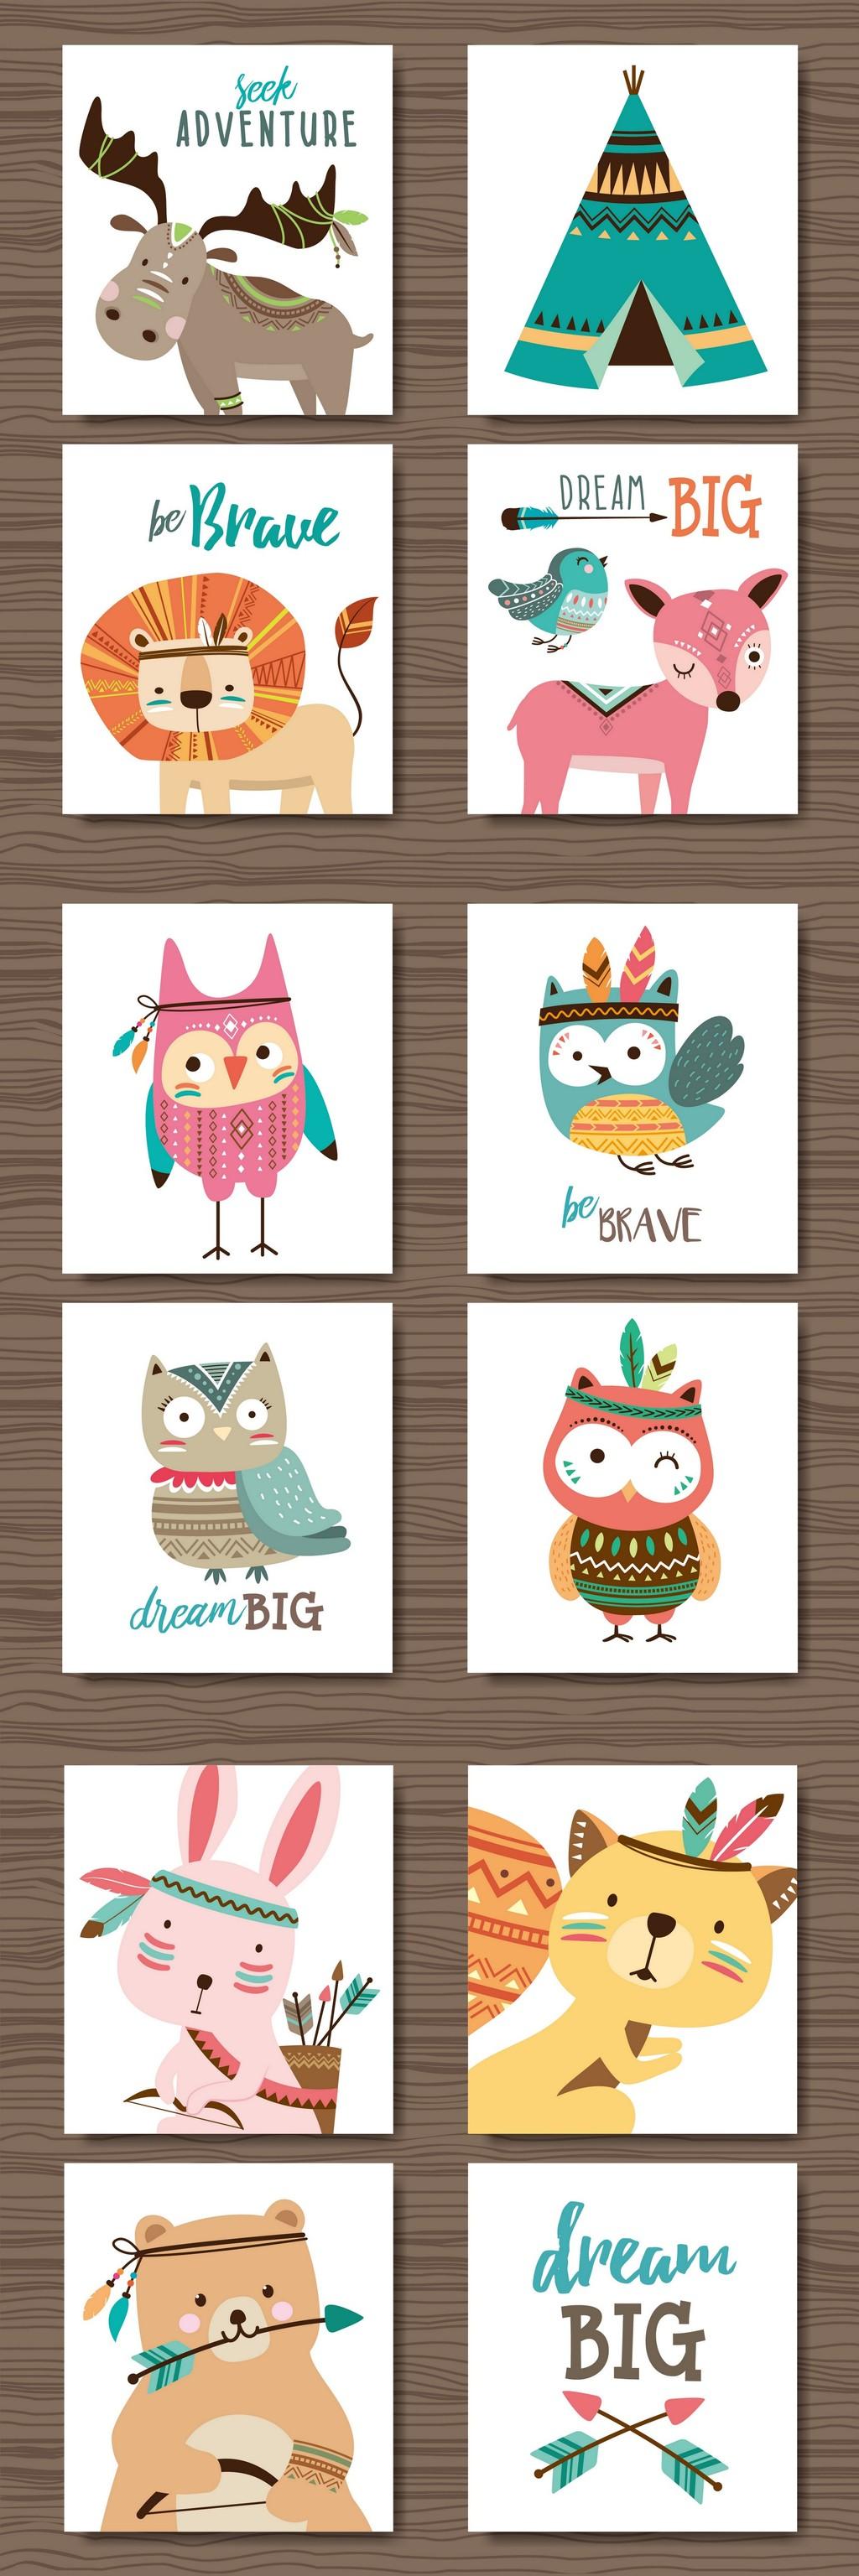 森系手绘动物装饰插画背景元素设计矢量图片